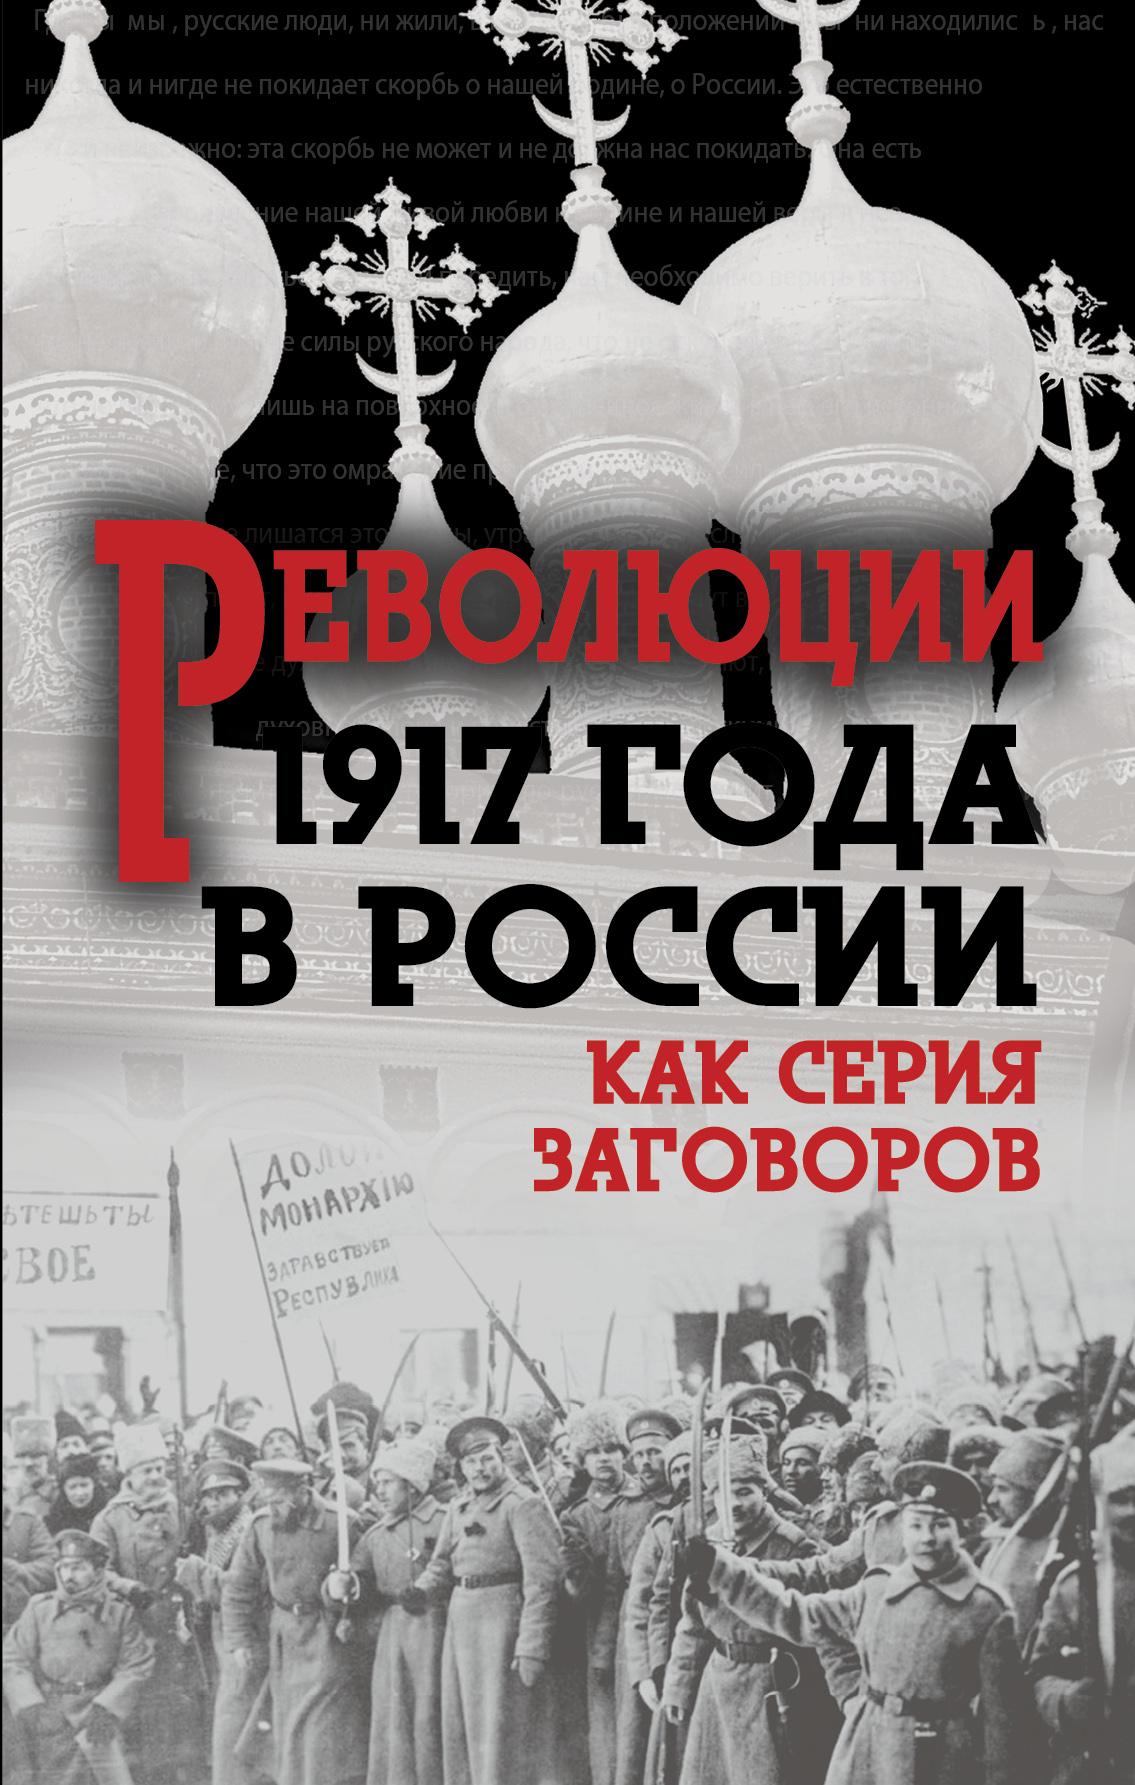 Революция 1917-го в России. Как серия заговоров